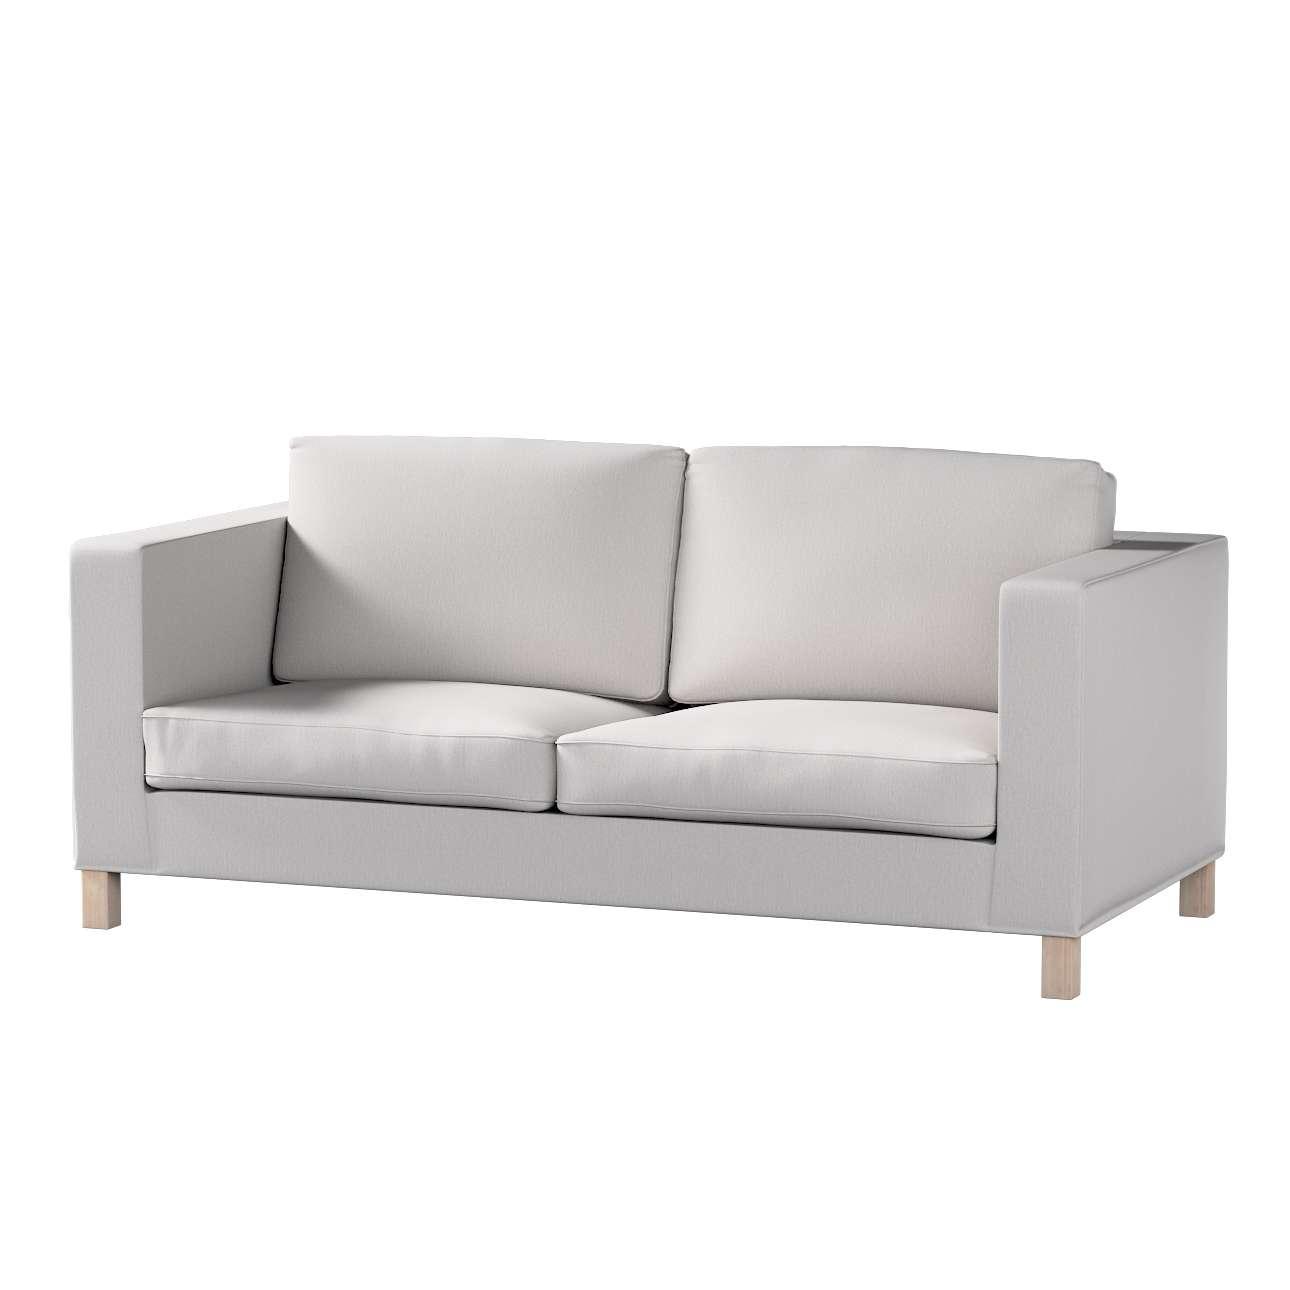 Pokrowiec na sofę Karlanda rozkładaną, krótki w kolekcji Chenille, tkanina: 702-23